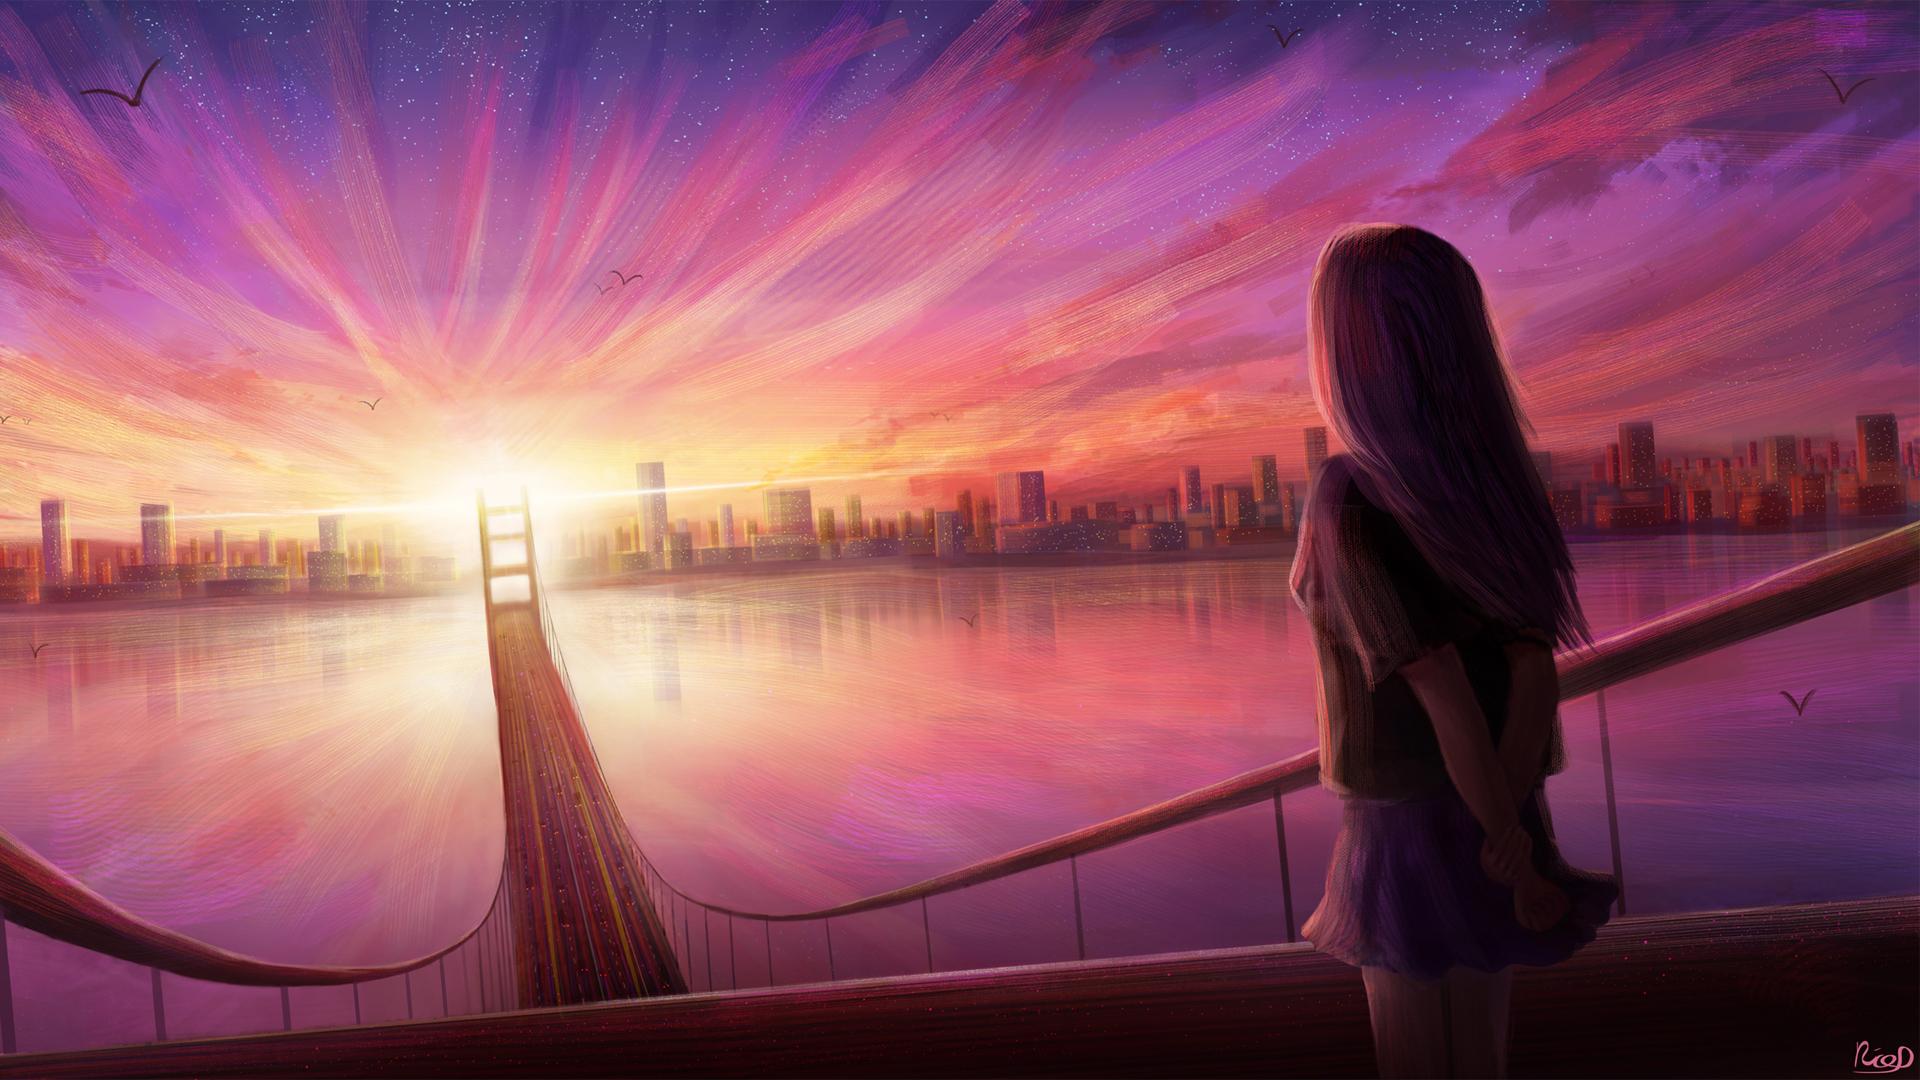 女孩 渴望 城市 桥 夕阳 唯美动漫风景壁纸-动漫壁纸